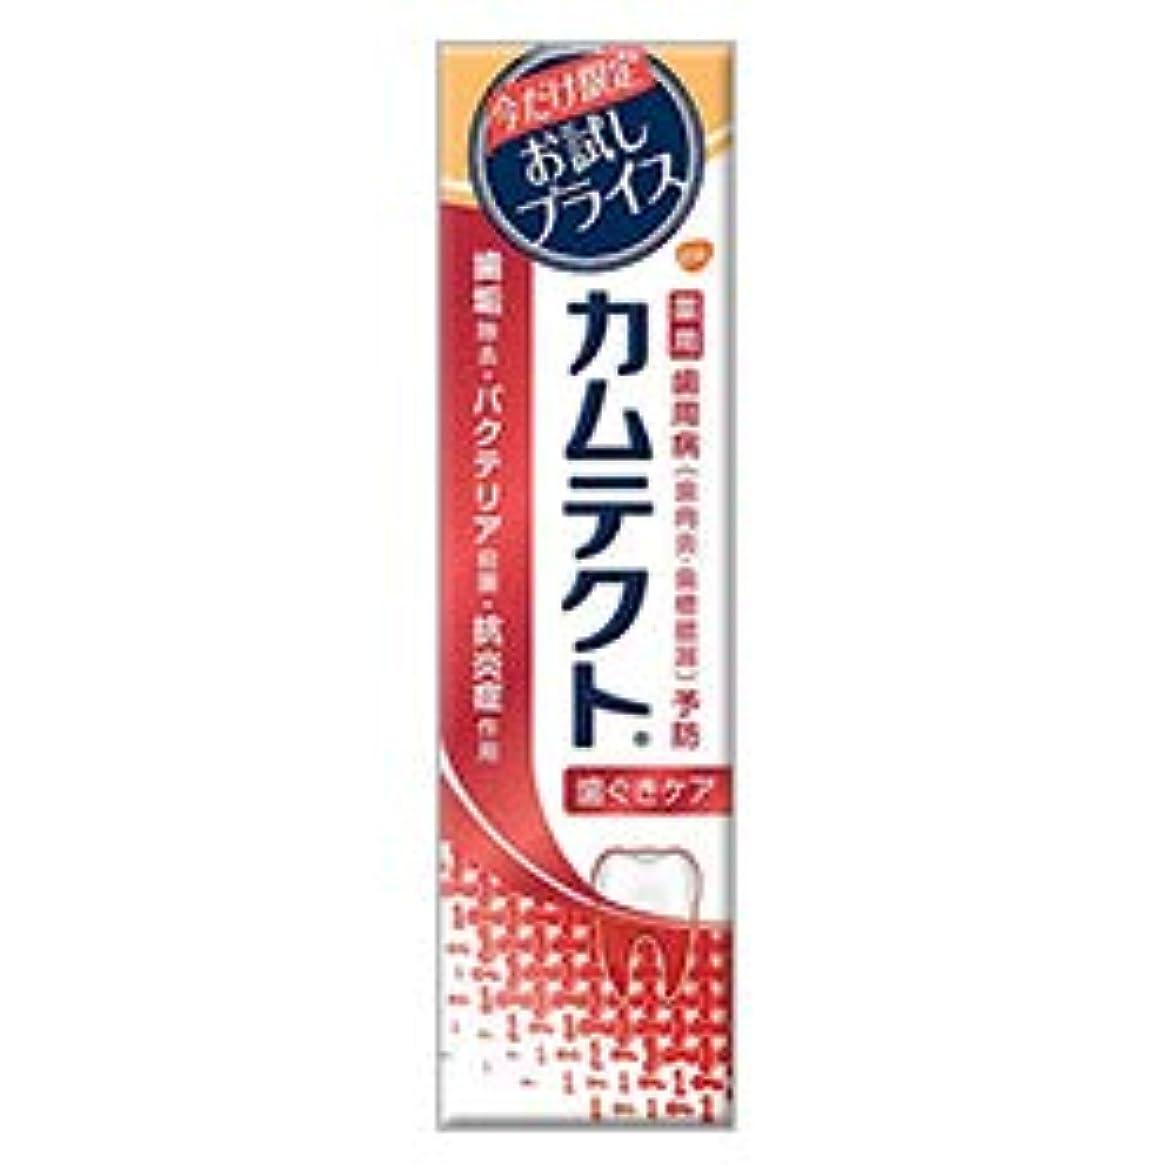 脈拍機動苦【アース製薬】カムテクト 歯ぐきケア 限定お試し版 105g [医薬部外品] ×5個セット